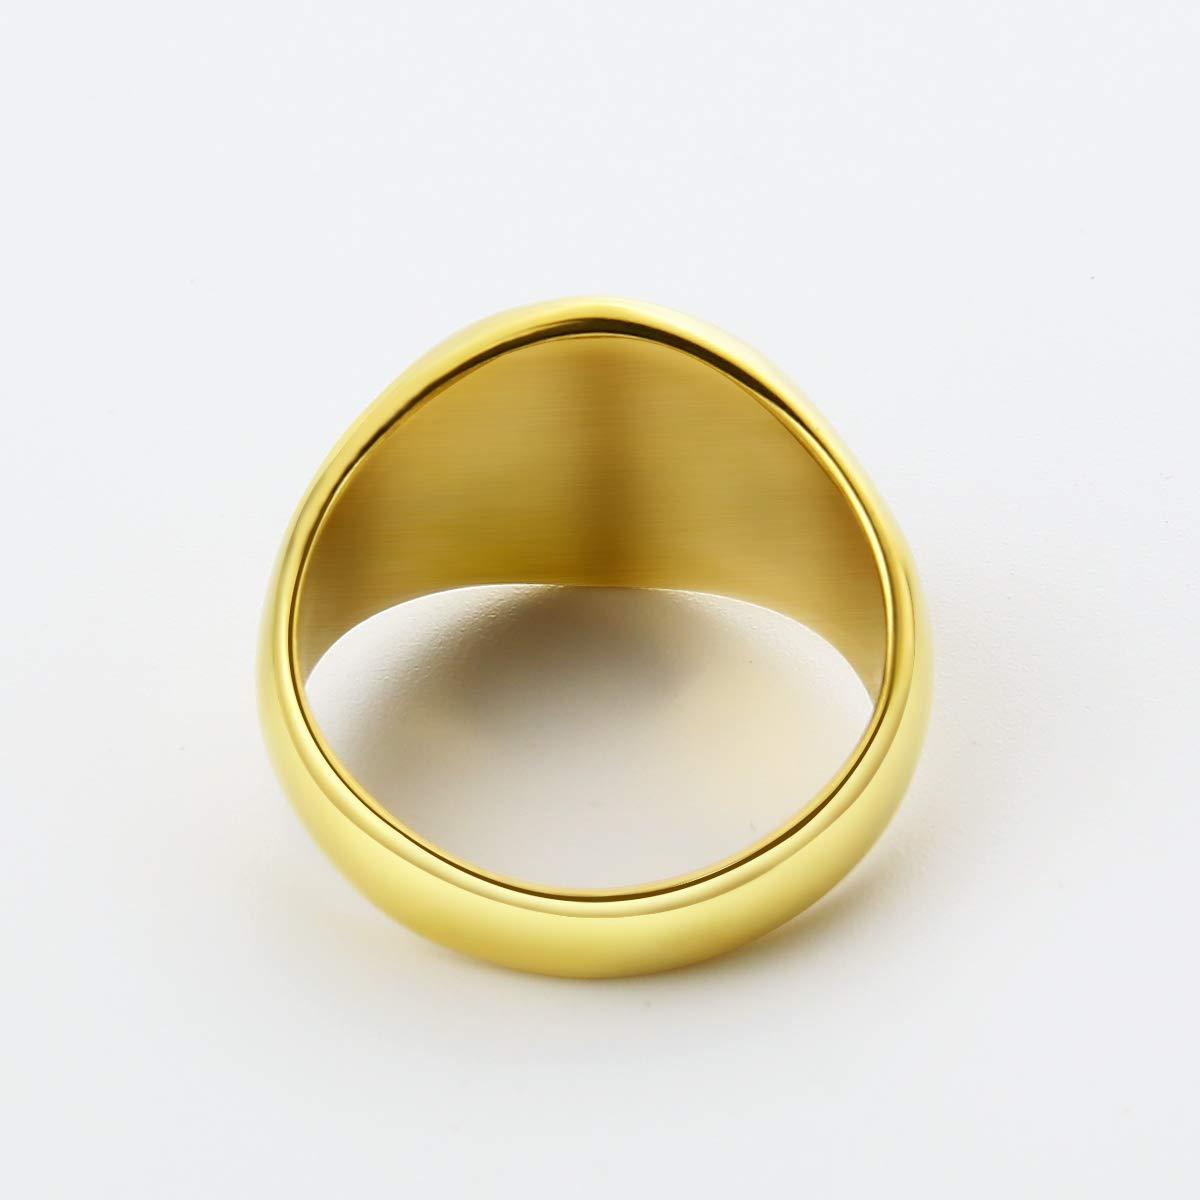 Valily Anillo de Sello Pulido Redondo Acero Inoxidable//Chapado en Oro Regalo Personalizado para Hombre Mujer Talla 10-29.5